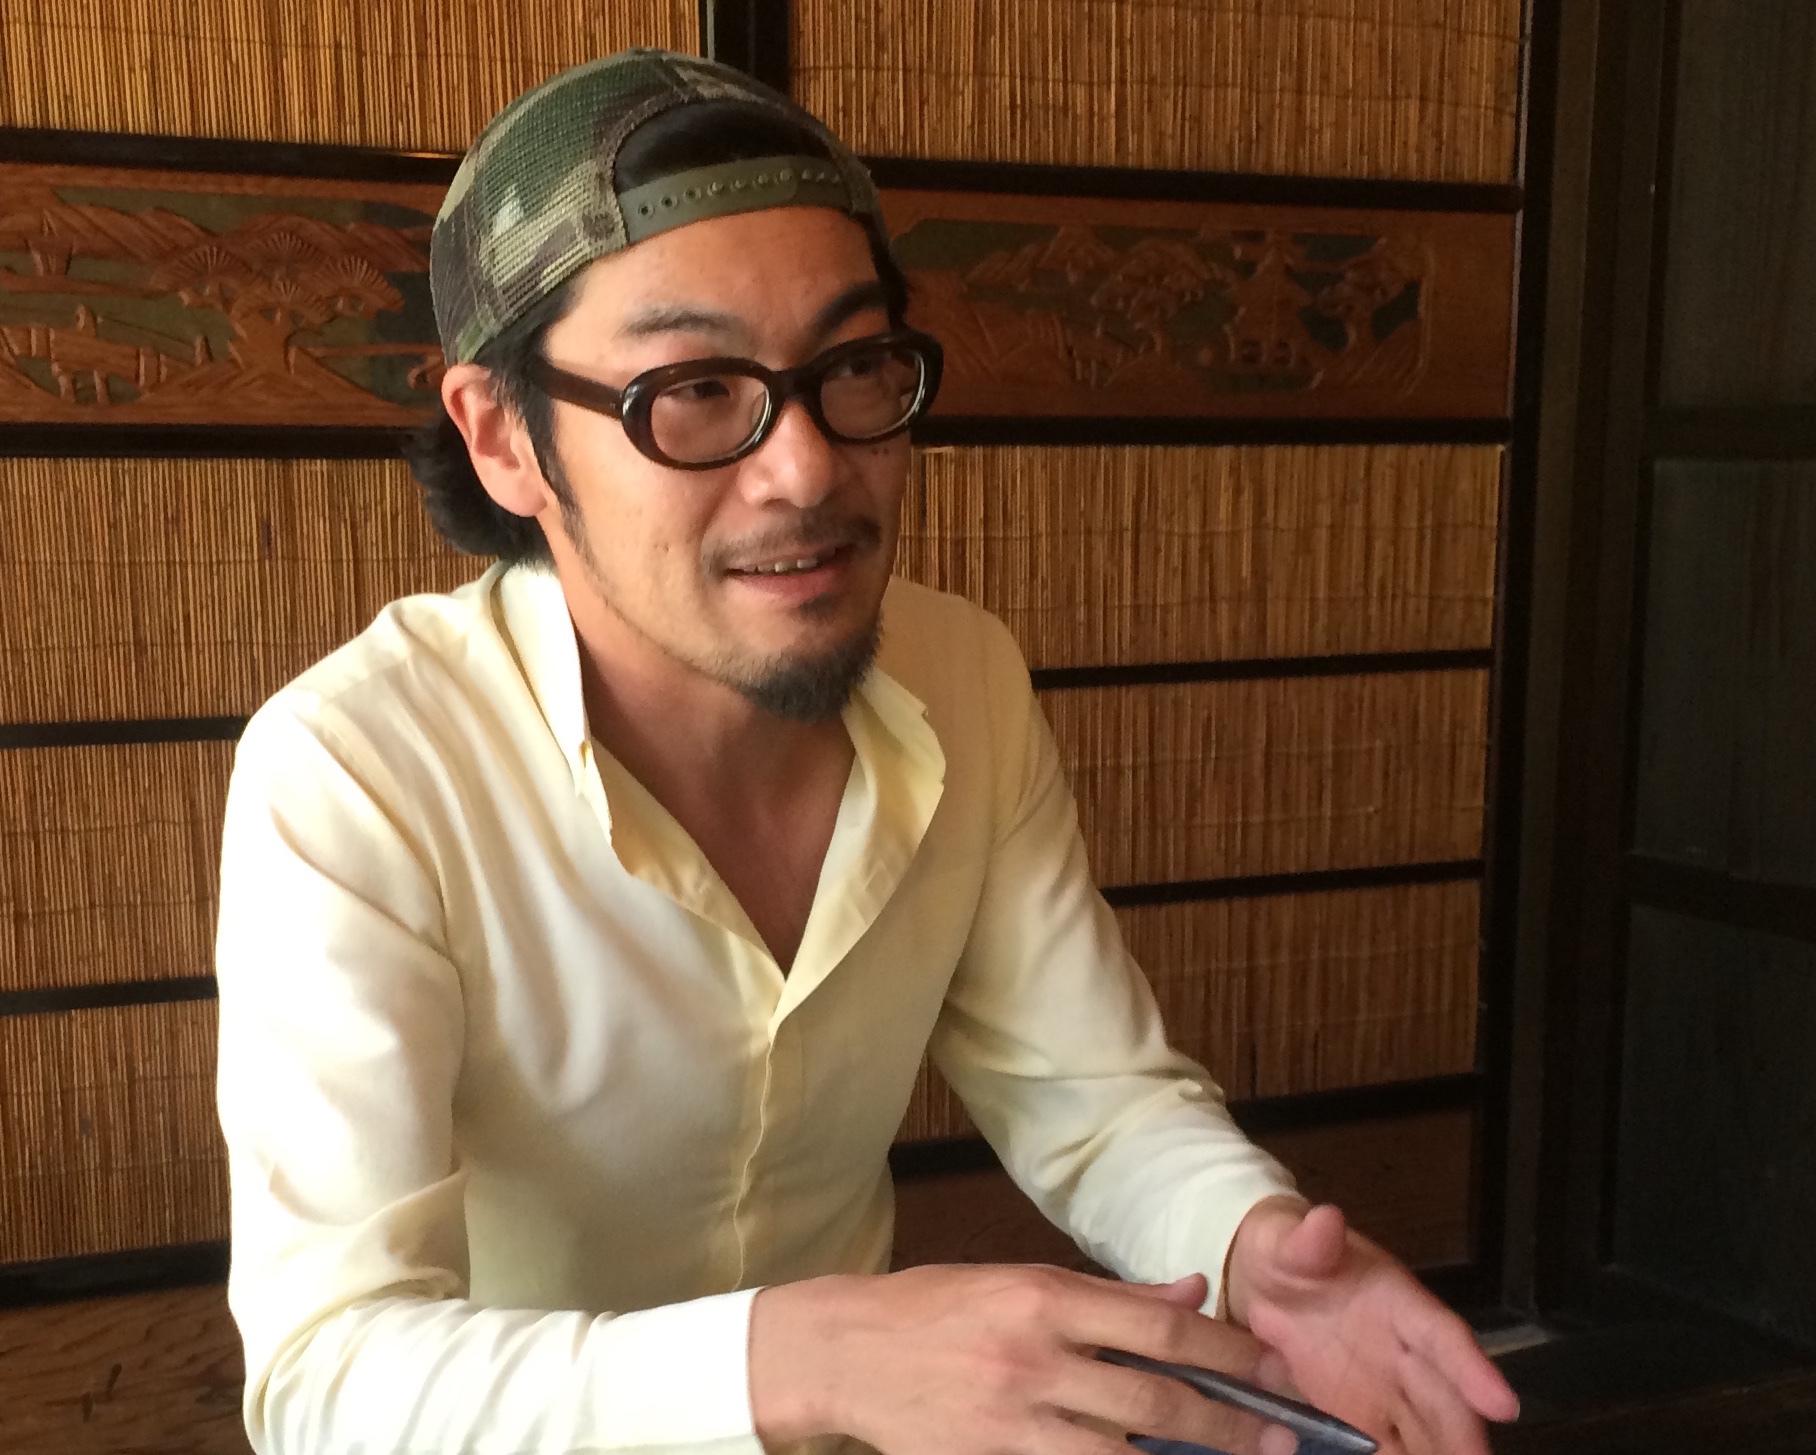 『大嶋俊矢』ーエカマイの人気居酒屋「てっぺん」がてっぺんを目指す歩み